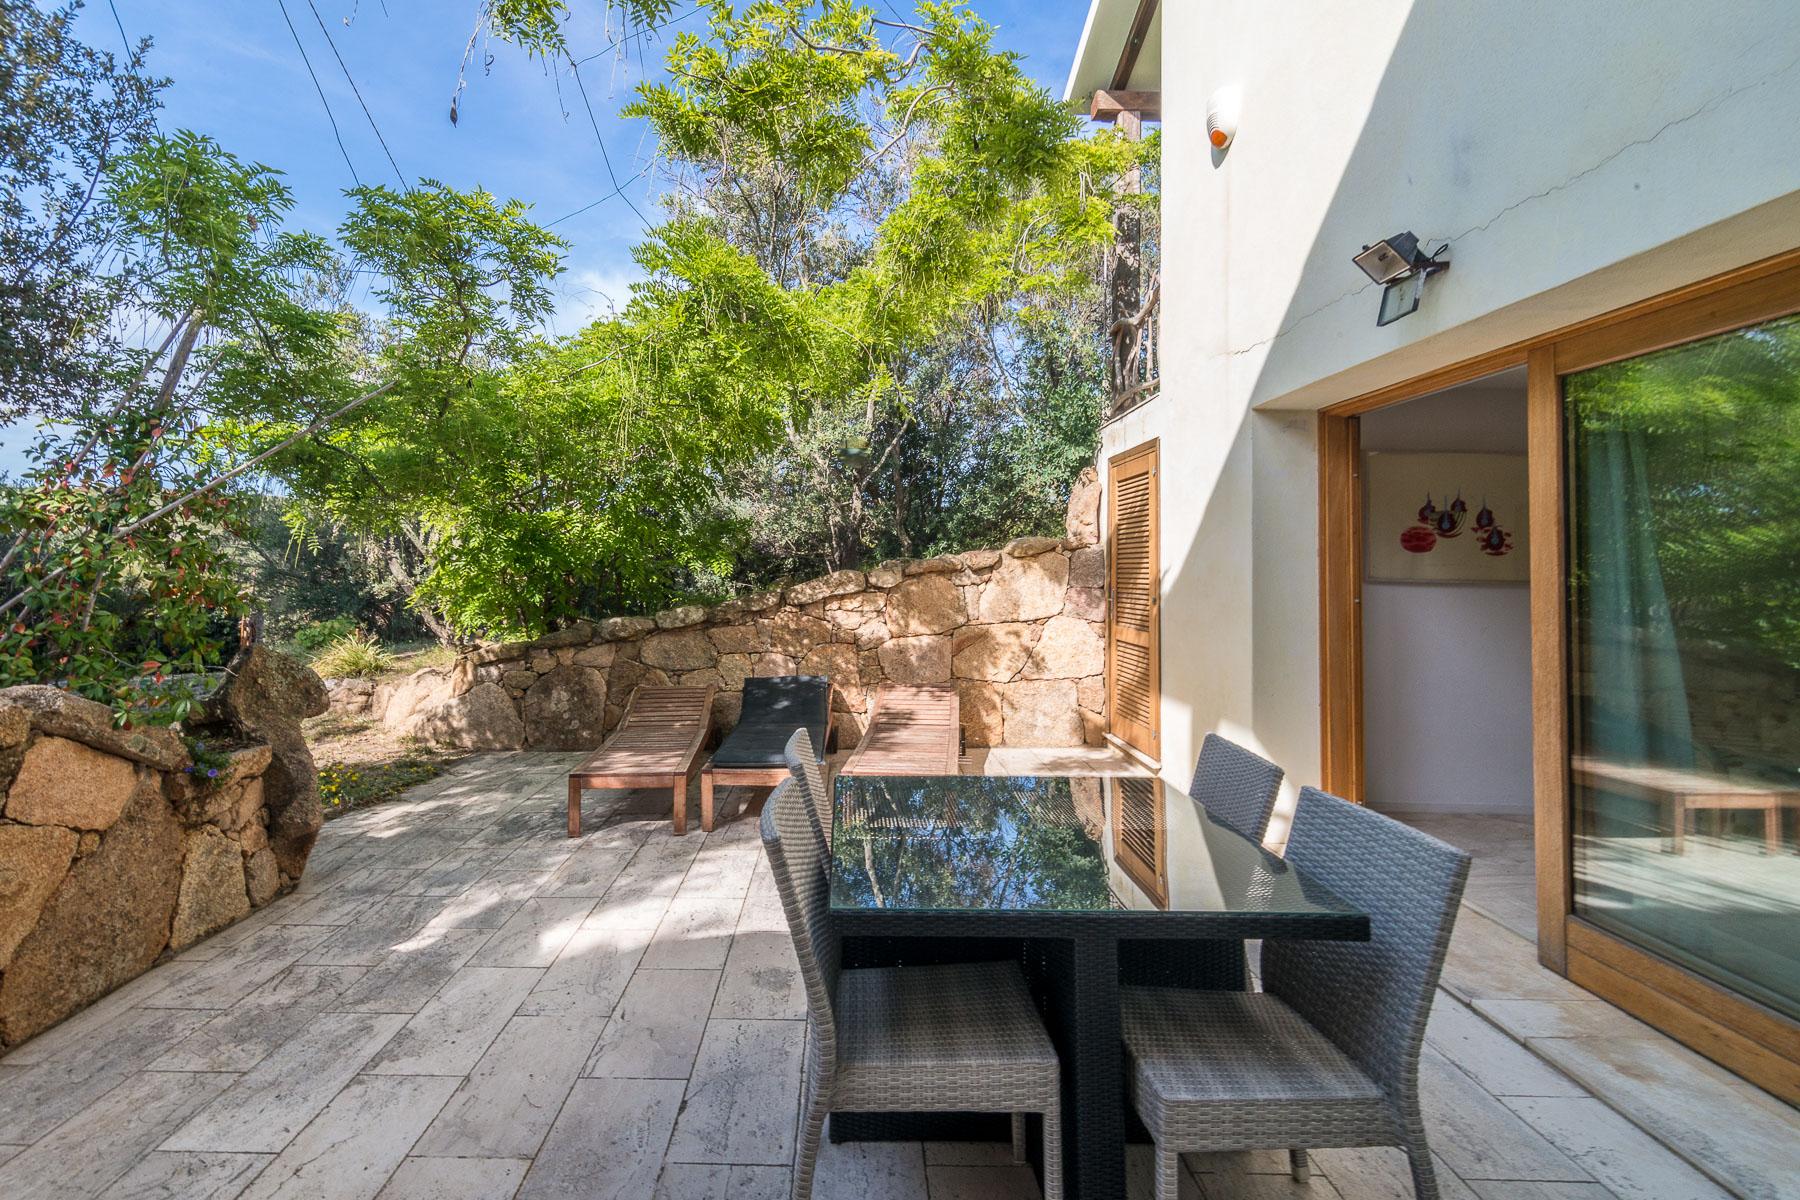 Villa in Vendita a Golfo Aranci: 5 locali, 170 mq - Foto 20